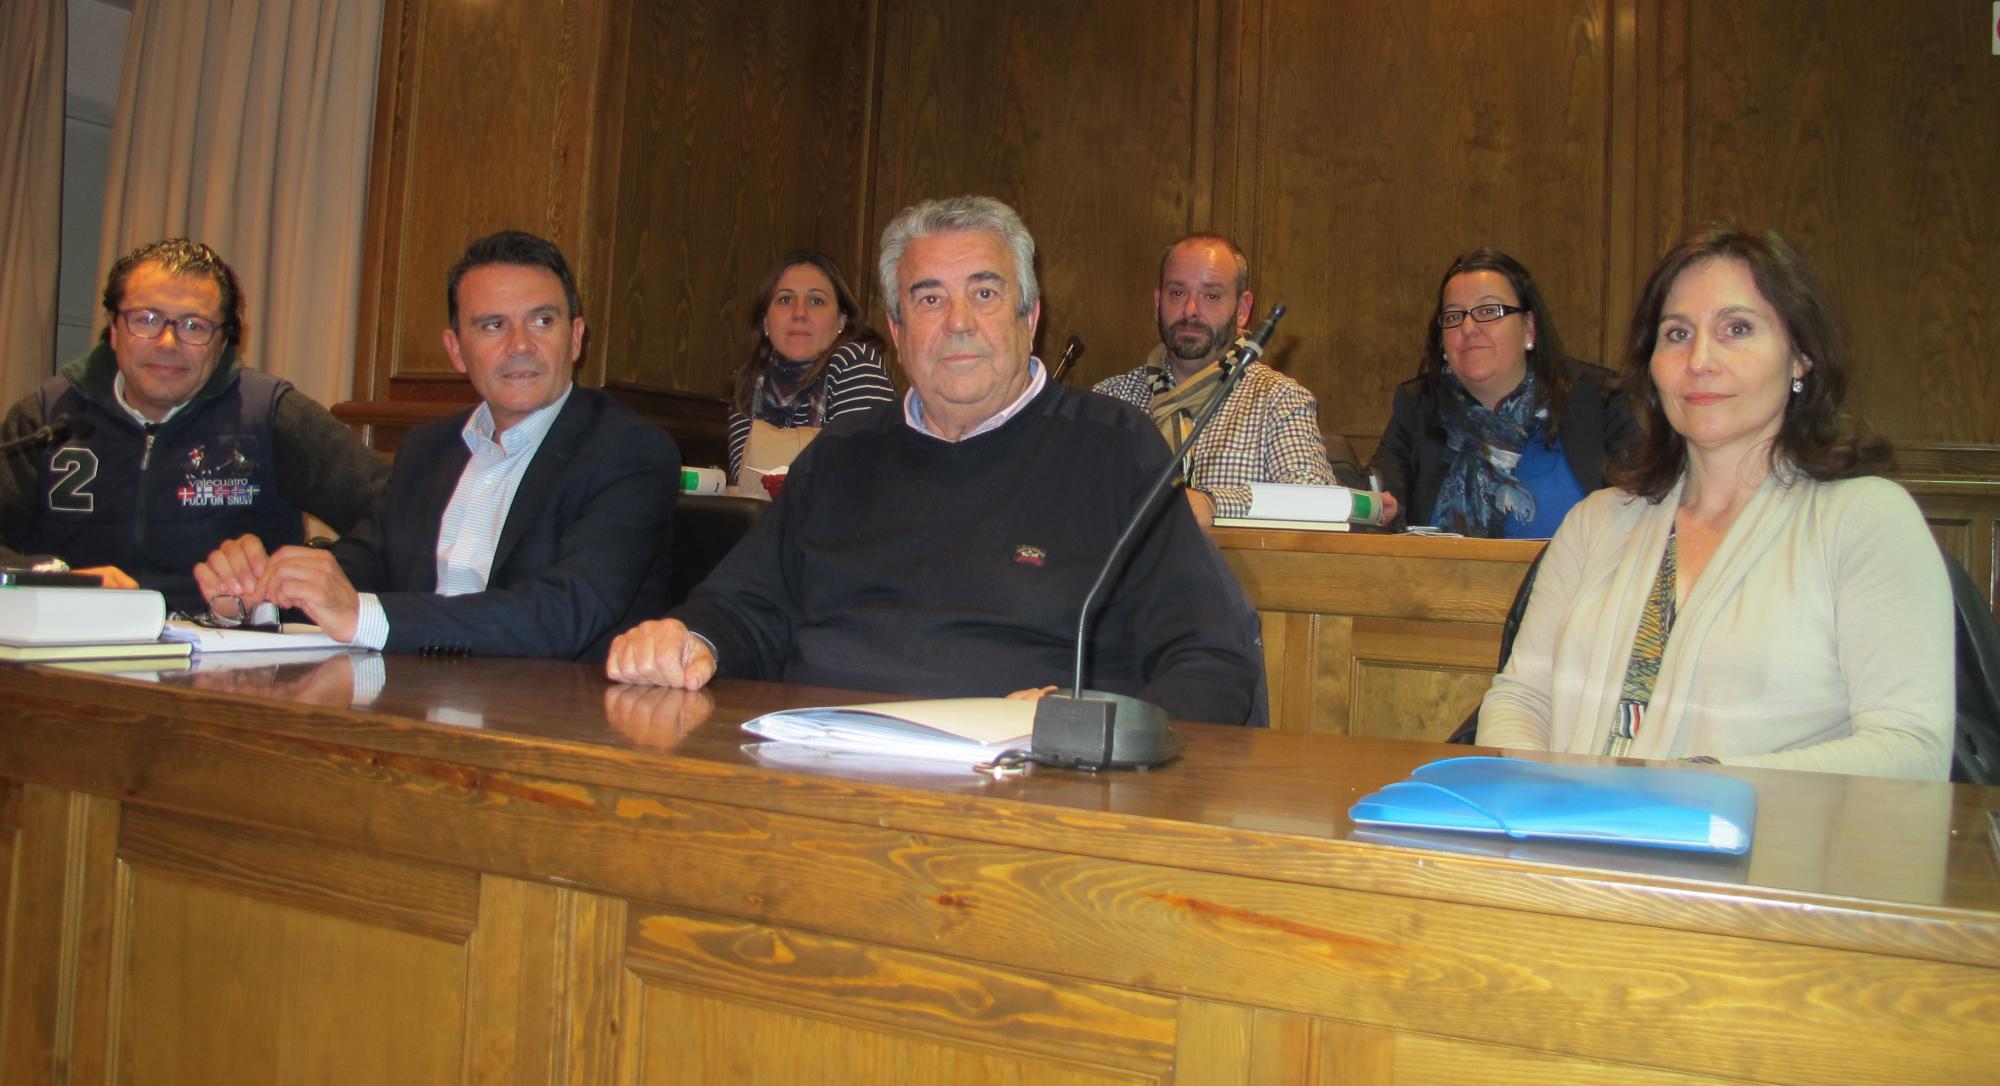 El PP de Alovera pide a la alcaldesa más rigor a la hora de 'conducir' las sesiones plenarias